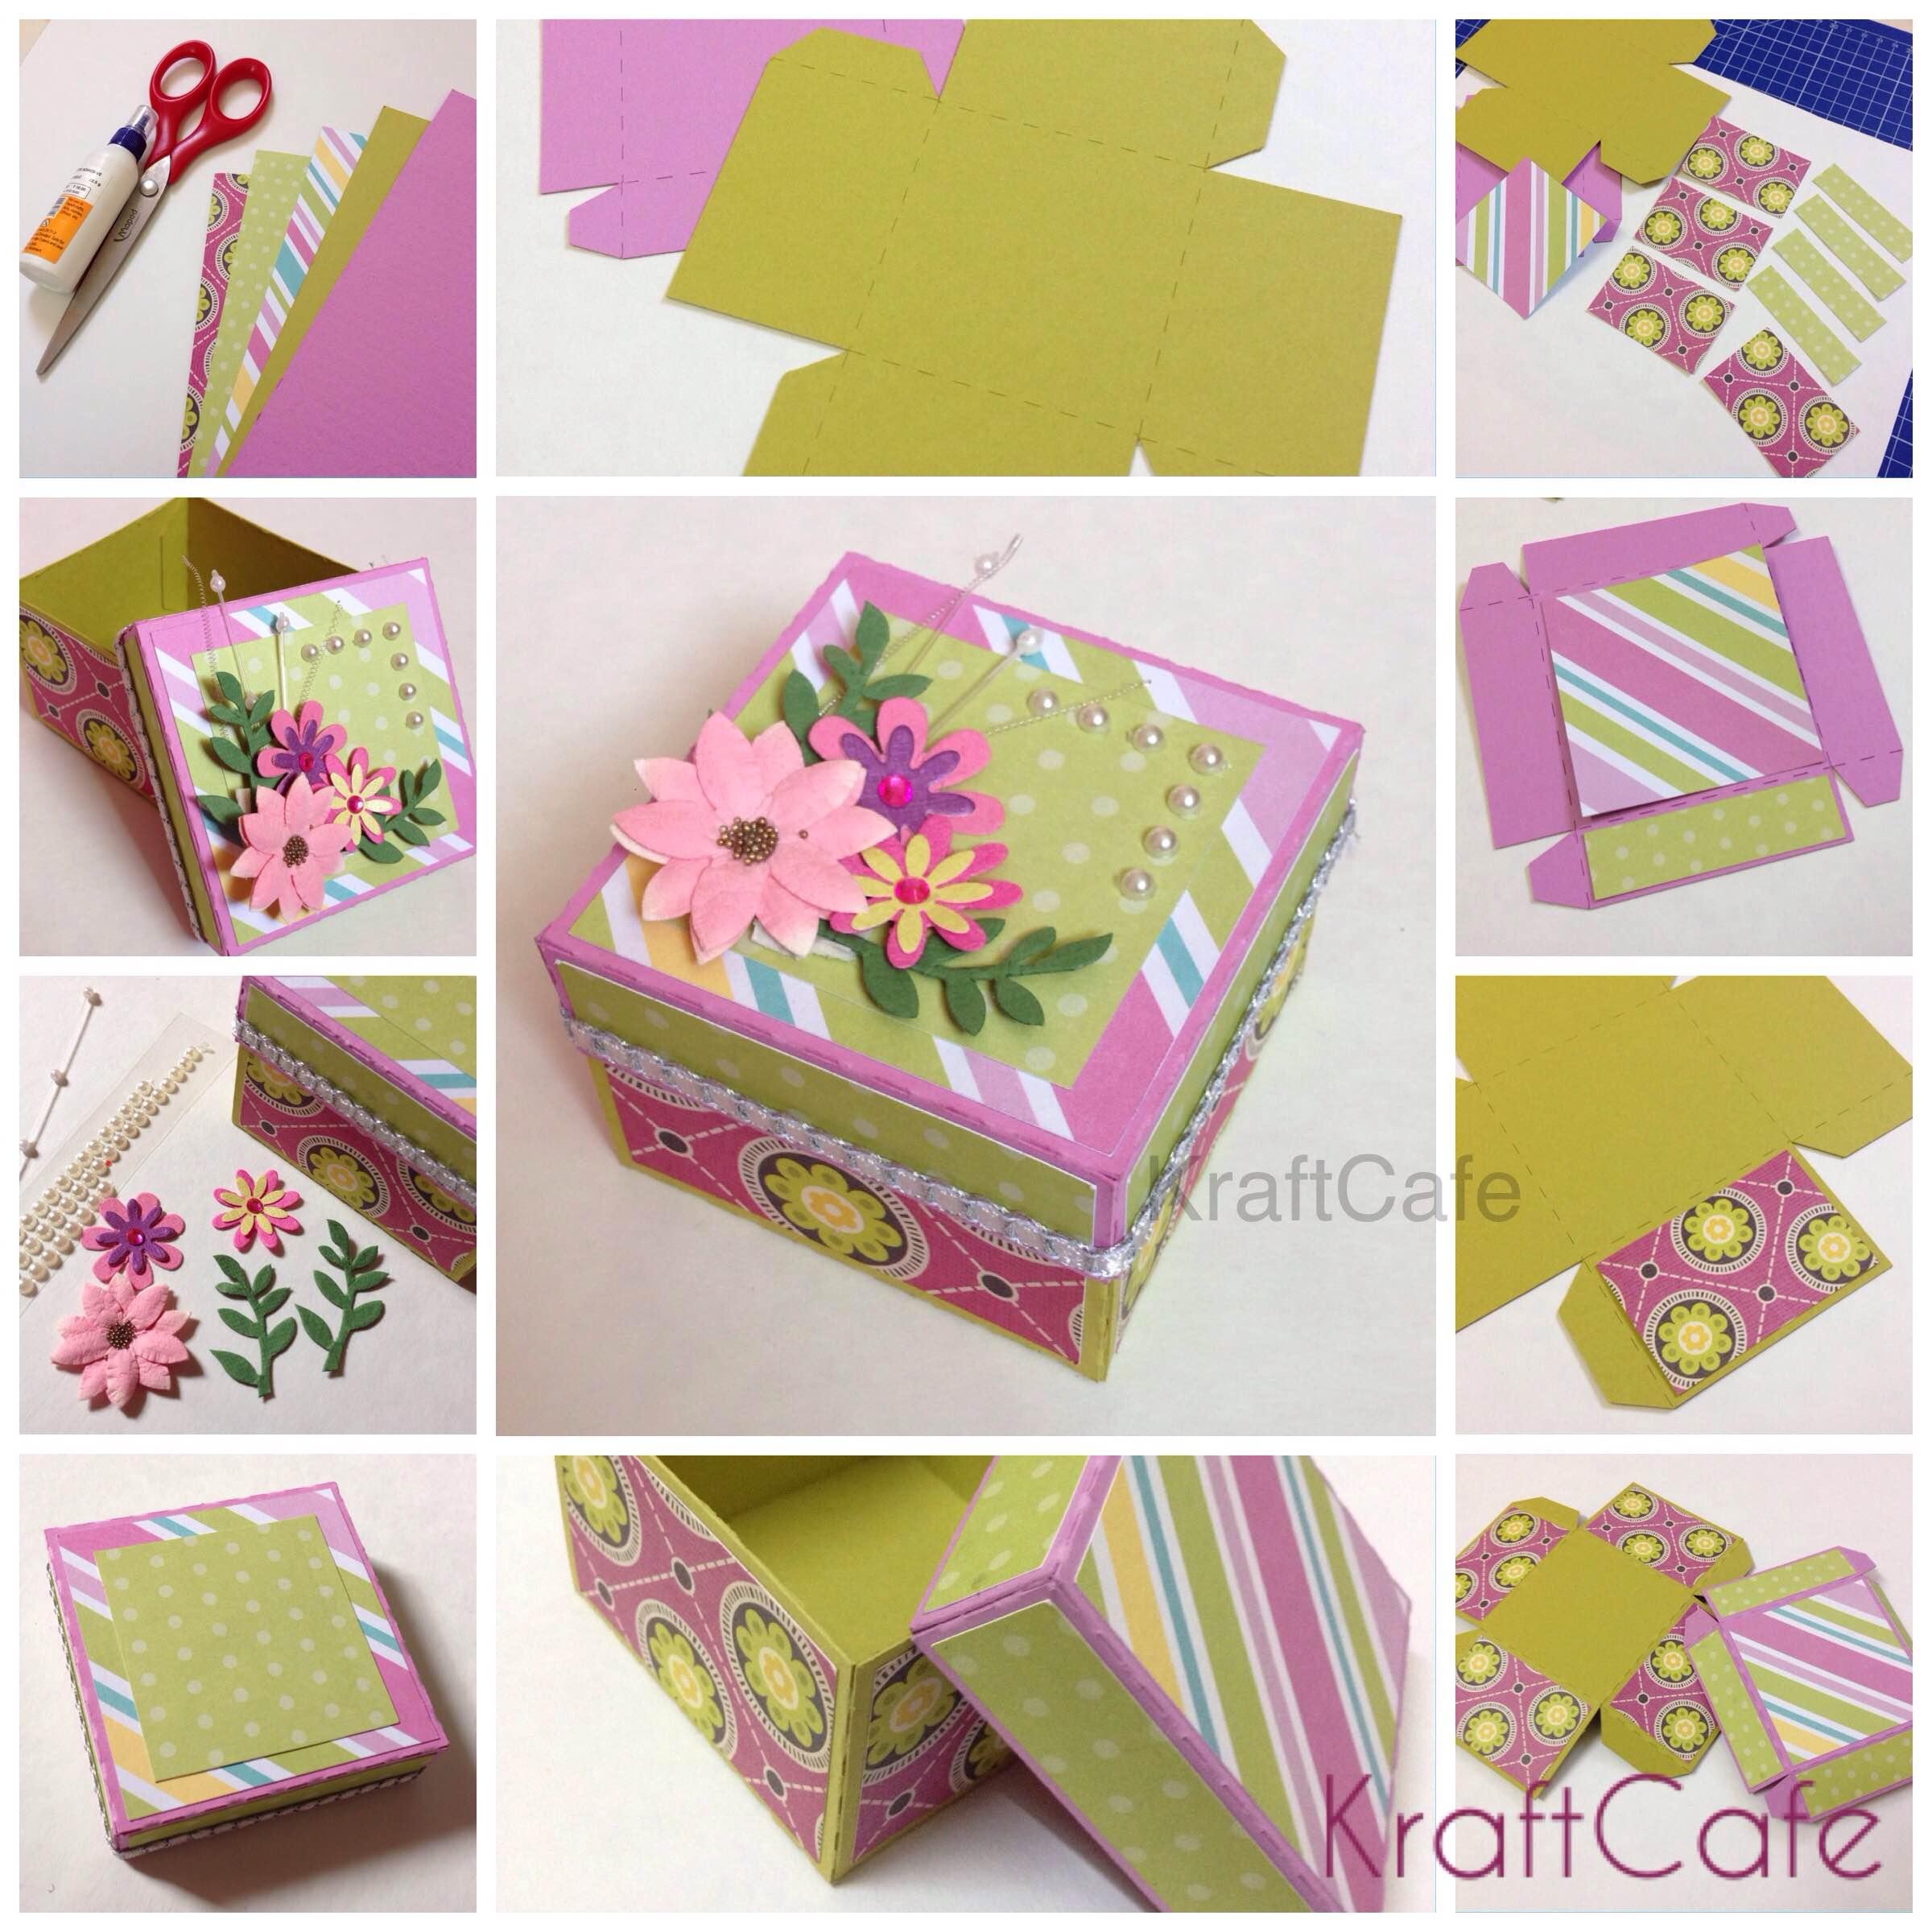 diy-gift-boxes-4